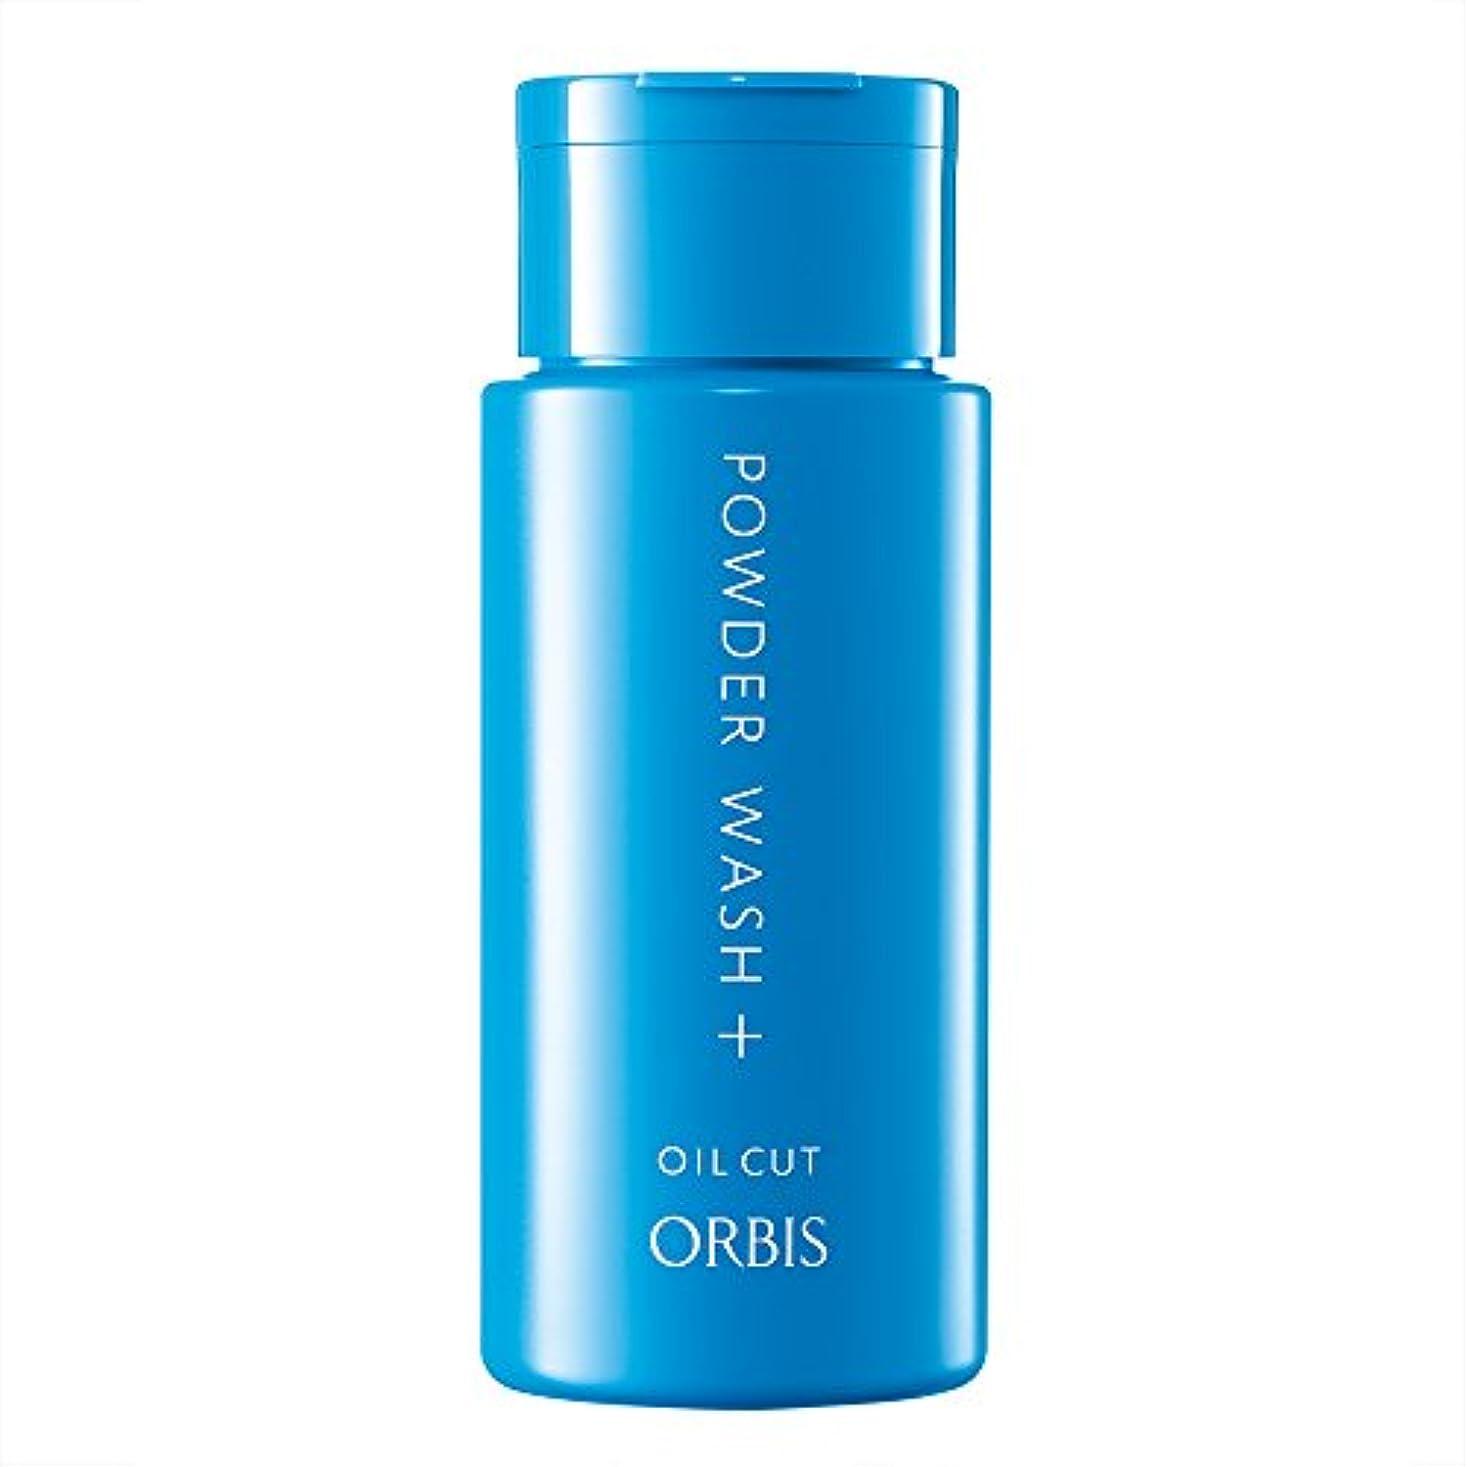 屋内で楽しませるまっすぐにするオルビス(ORBIS) パウダーウォッシュプラス 50g ◎酵素洗顔パウダー◎